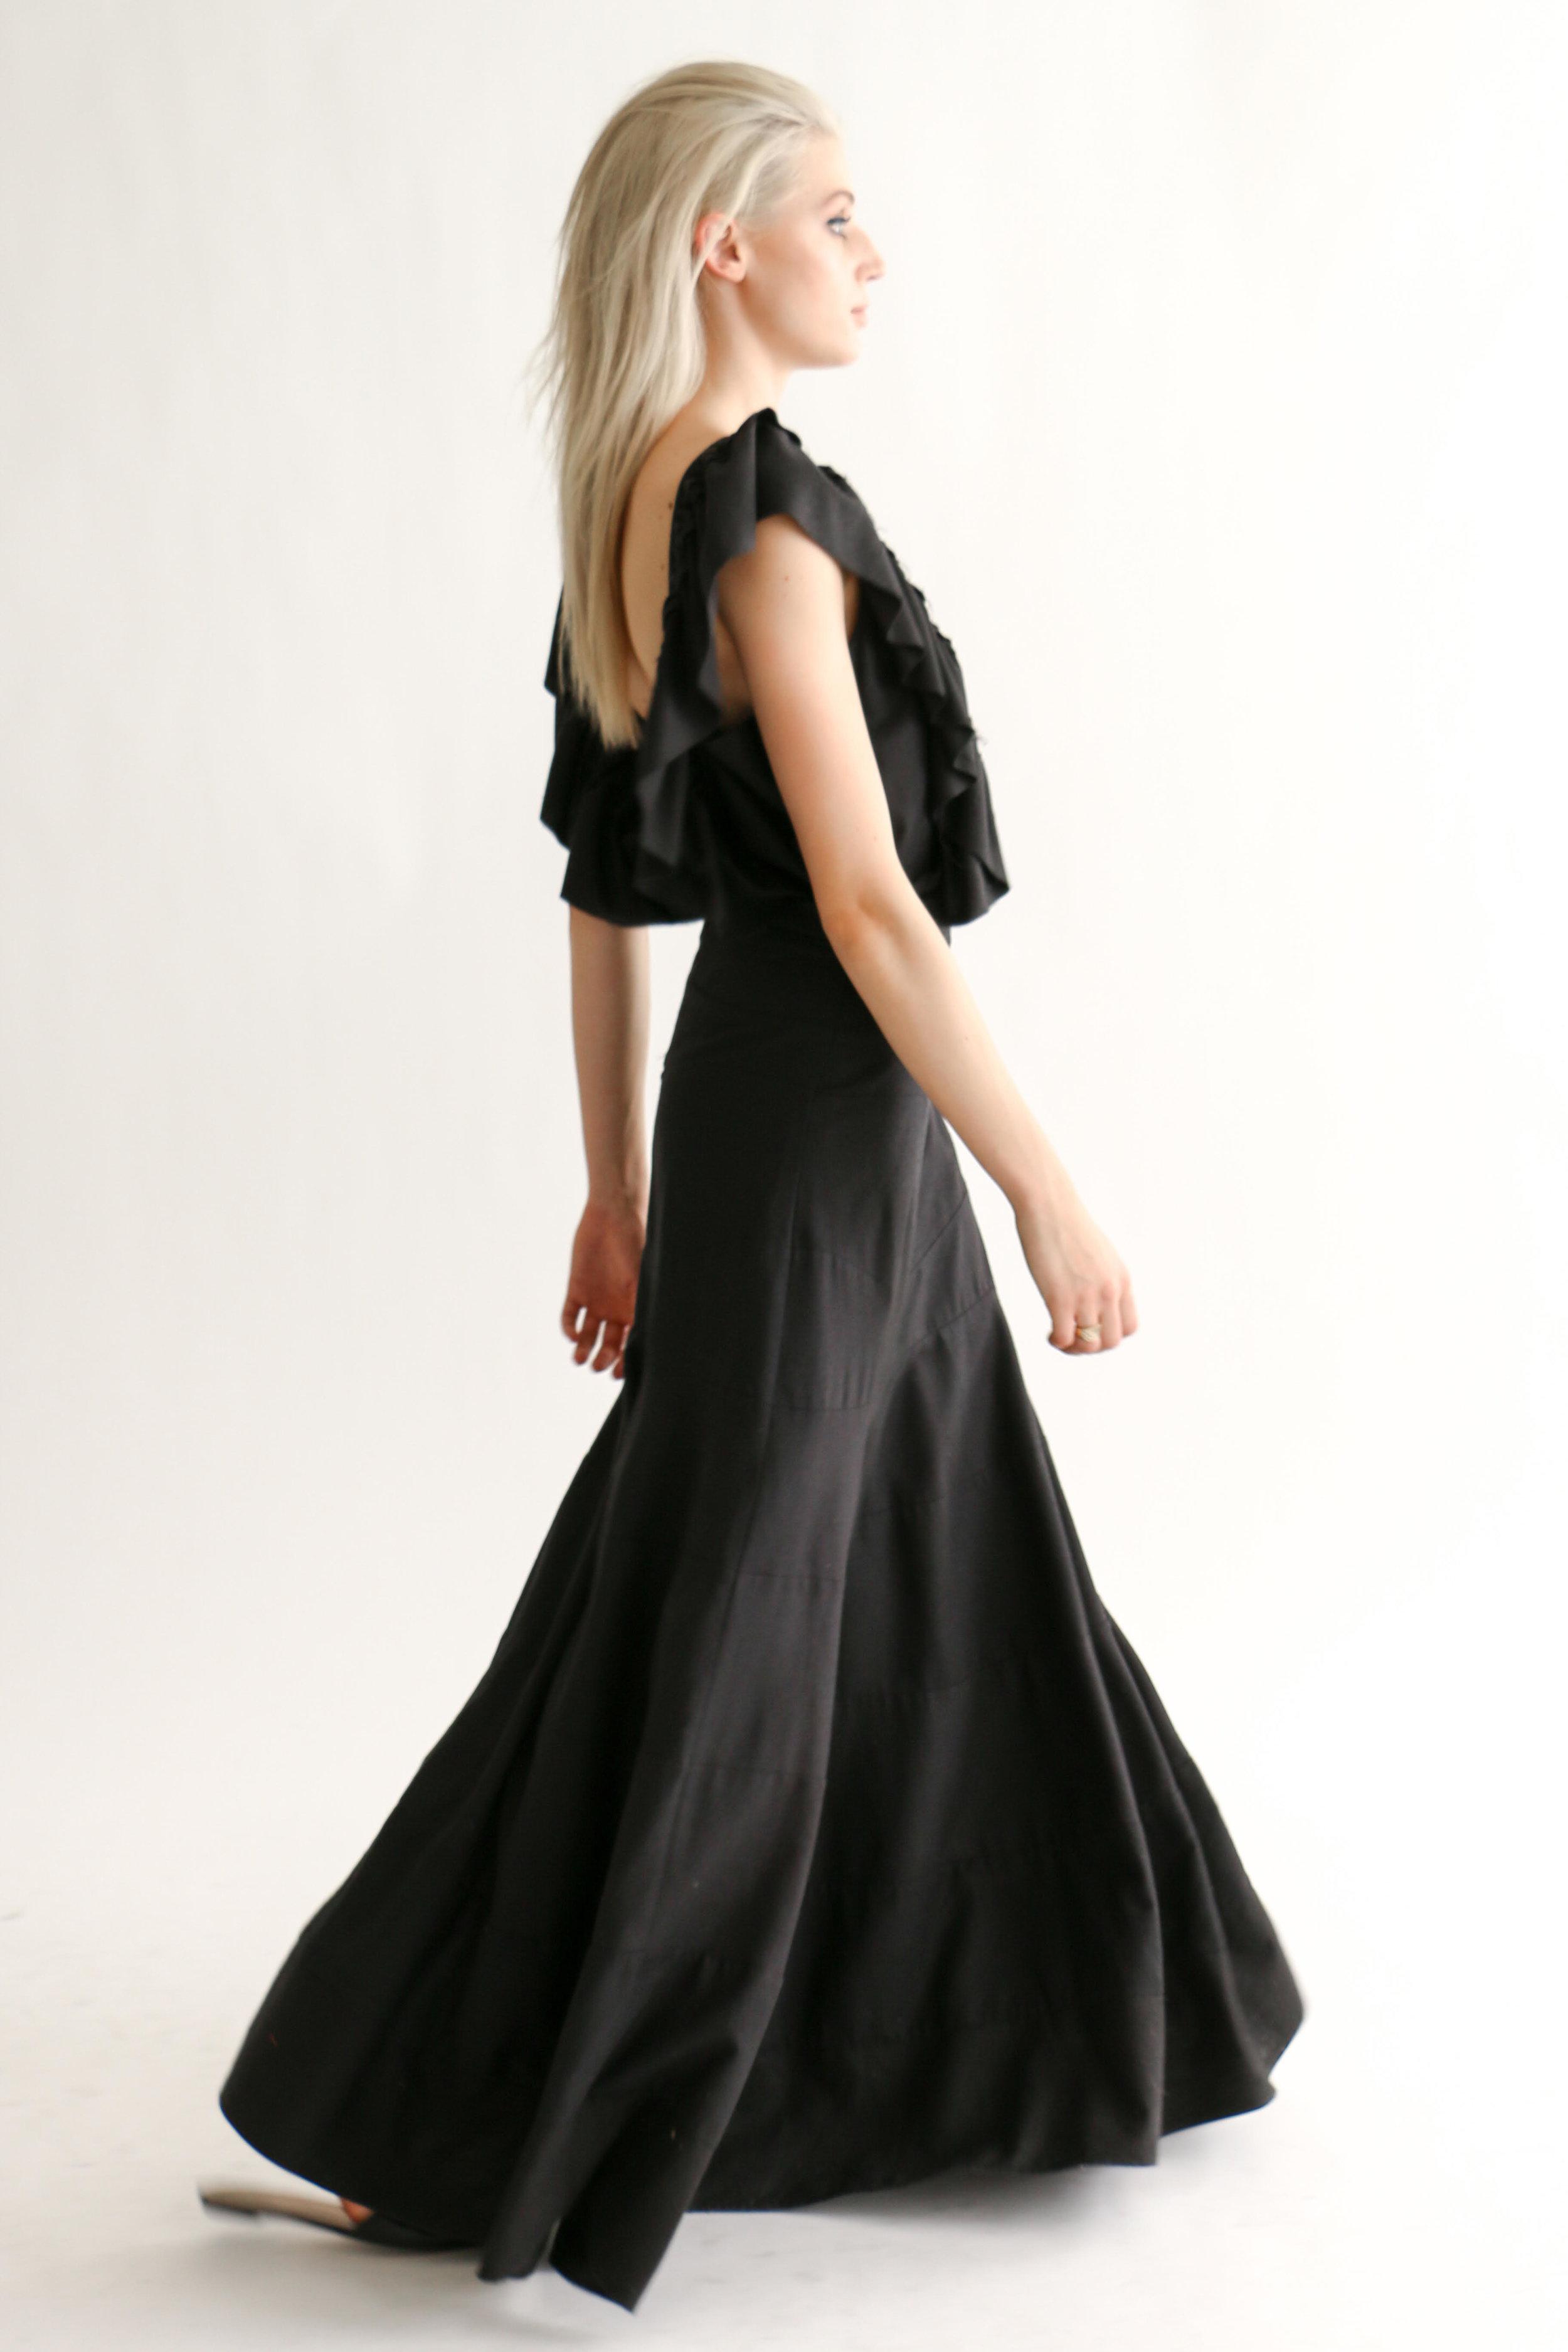 Heidi Merrick 'Olivera' dress in Black,  $671